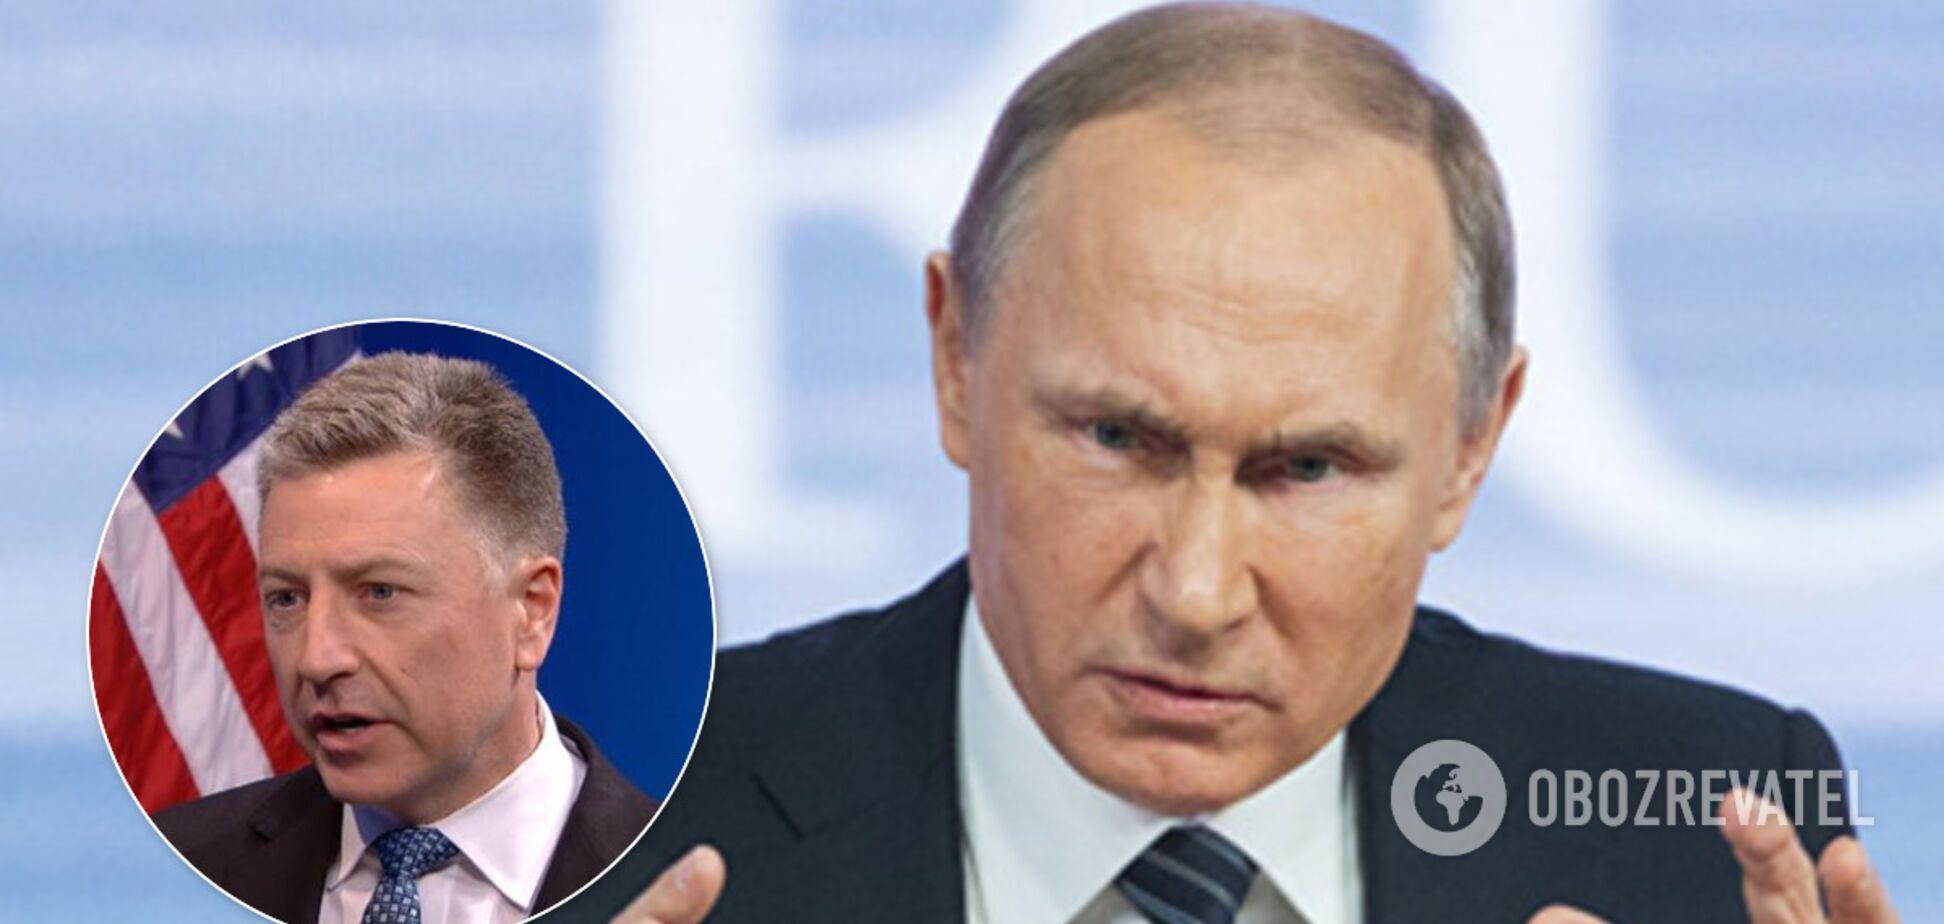 Волкер сказал, при каком условии наступит мир на Донбассе